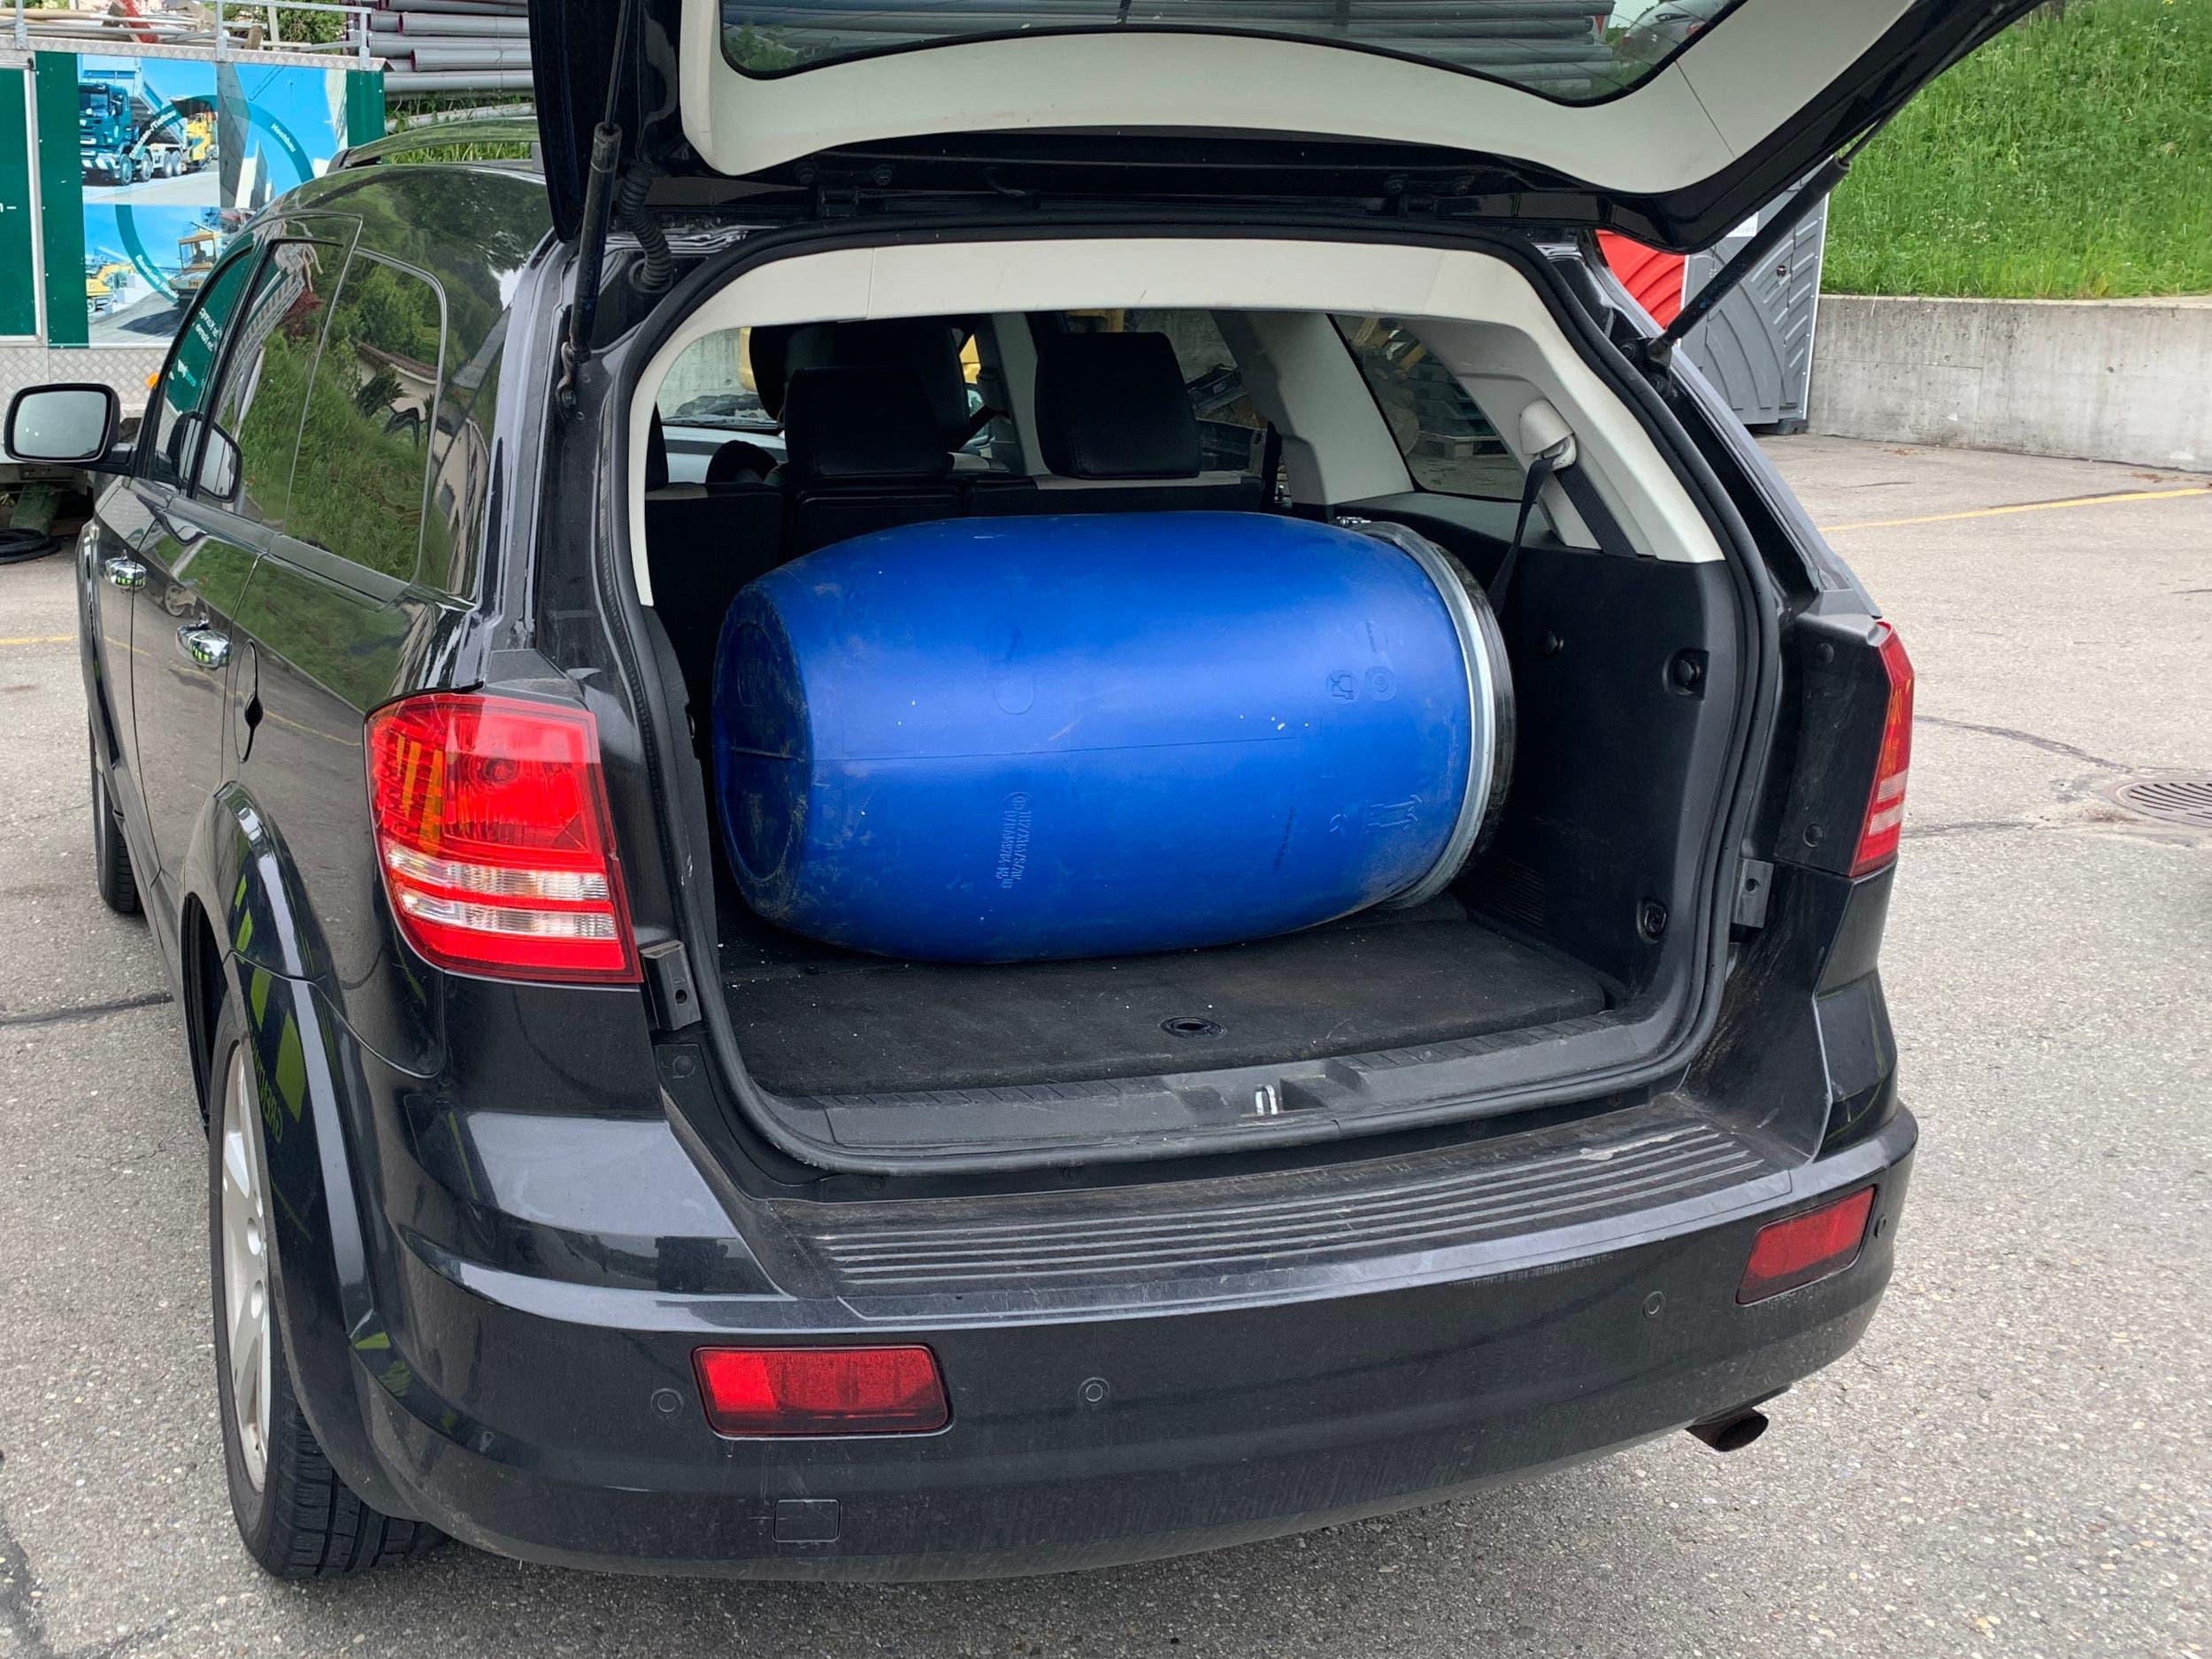 Laufenburg: Drogenfund im Auto: 29 Kilo Cannabispulver